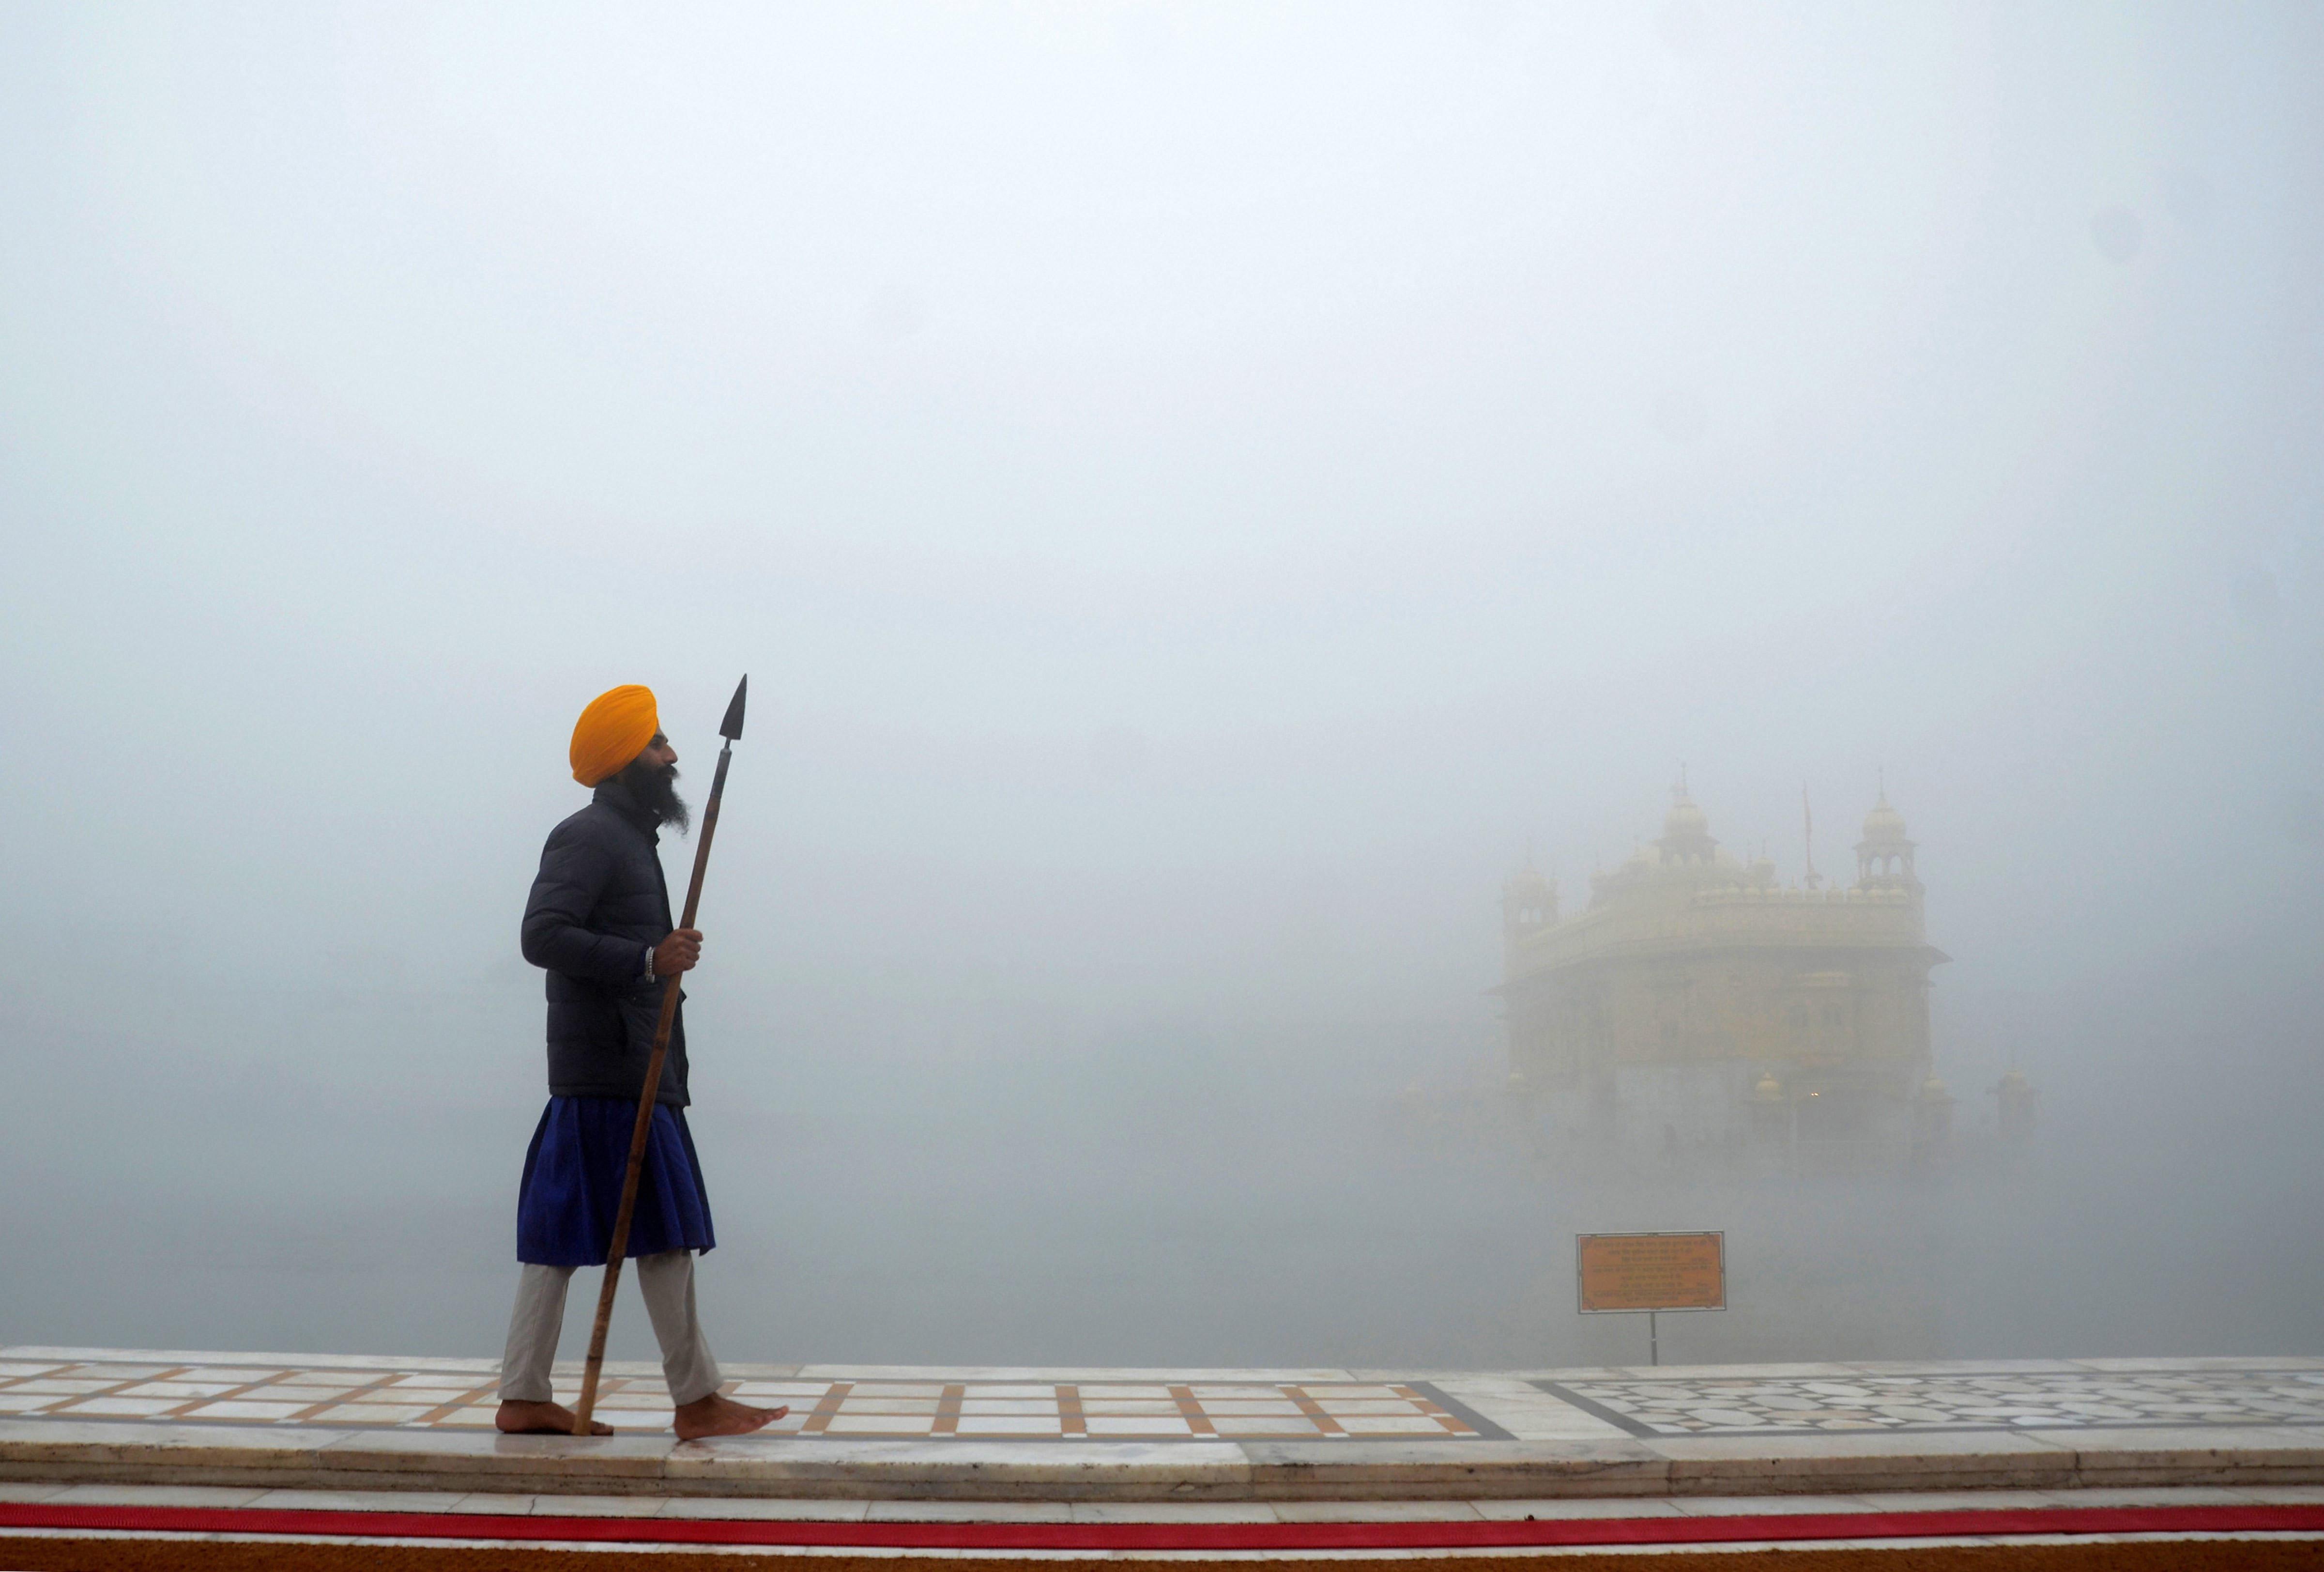 अमृतसर में कोहरे में स्वर्ण मंदिर के आसपास कोहरा छाया।